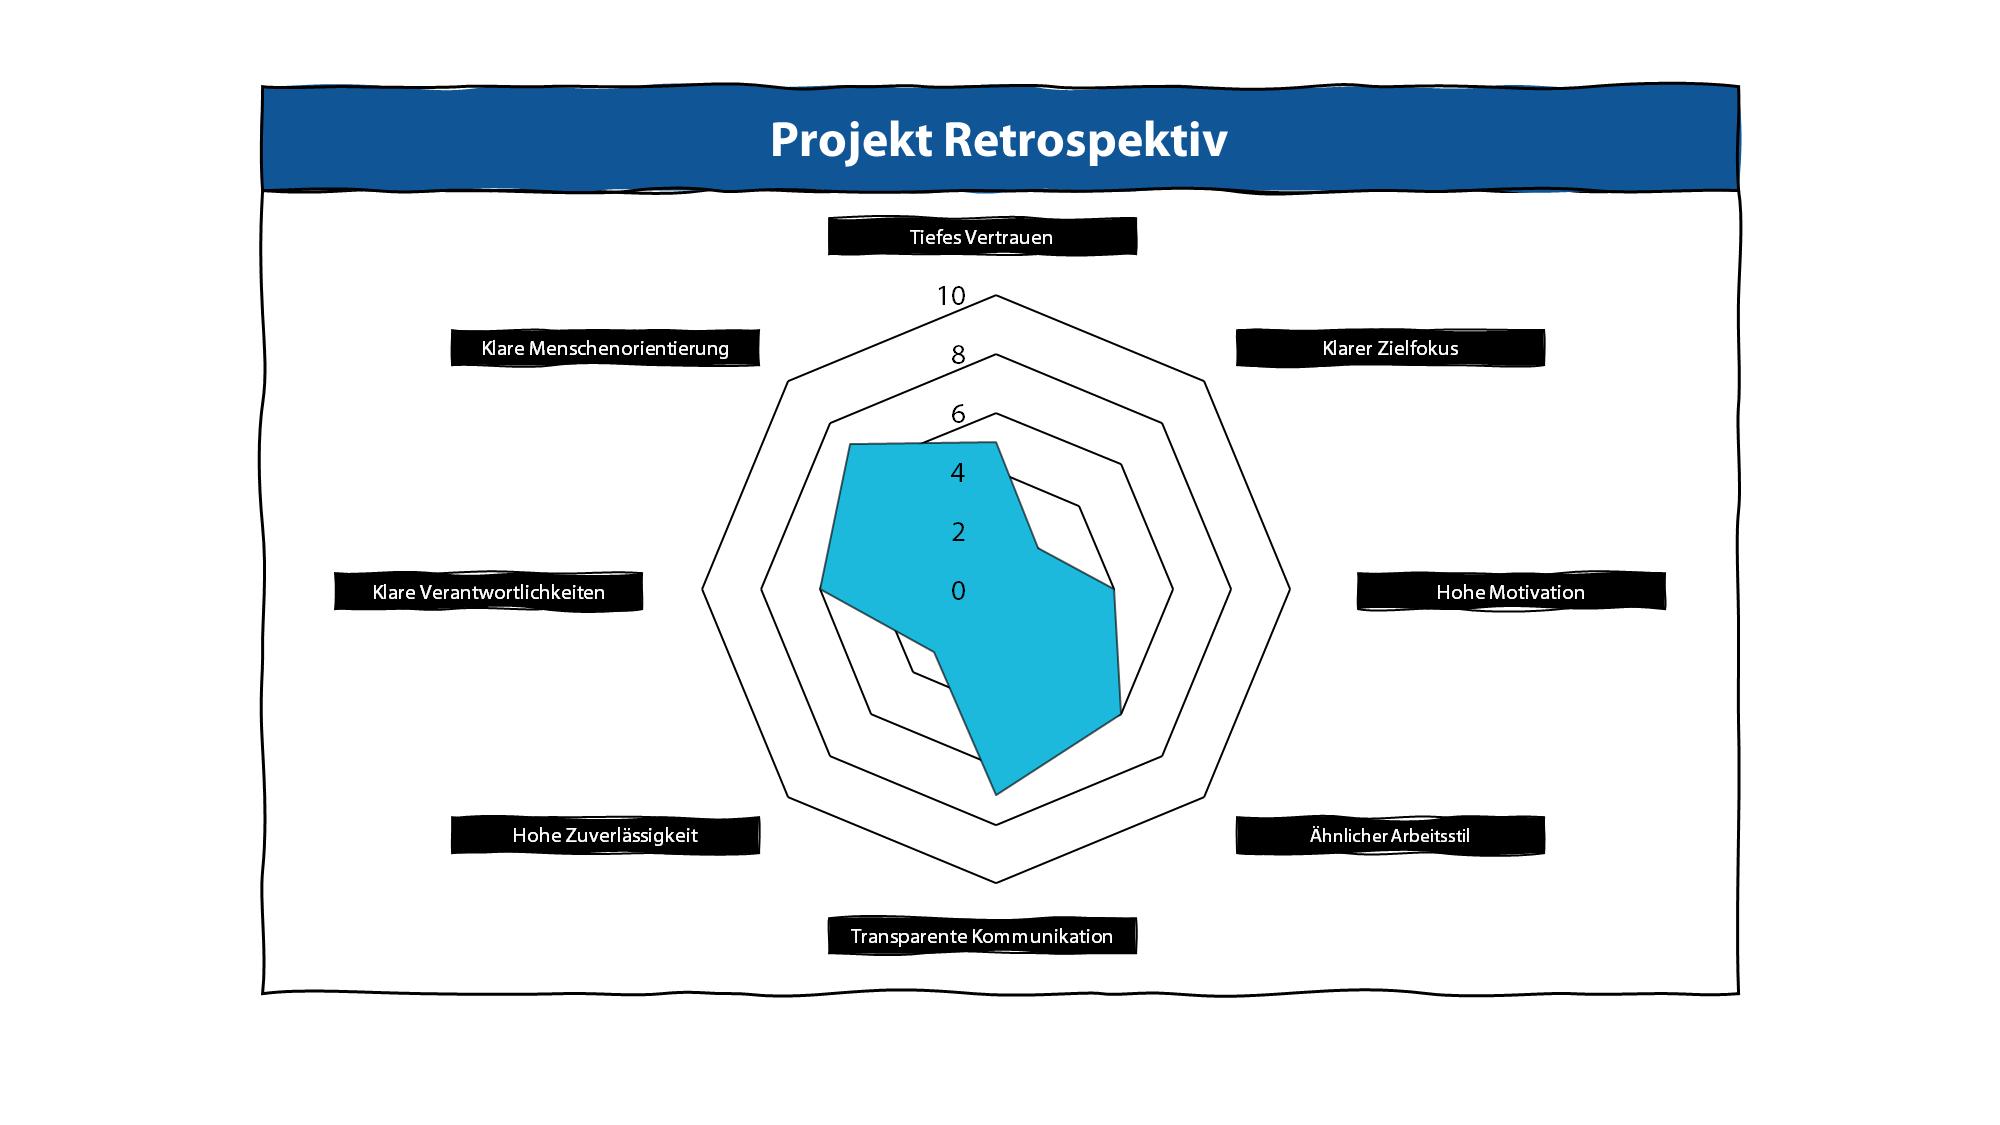 Schritt 4: Daraufhin sollte die Teamarbeit reflektiert werden, um die Teamentwicklung und die individuellen Lernprozesse zu begreifen.